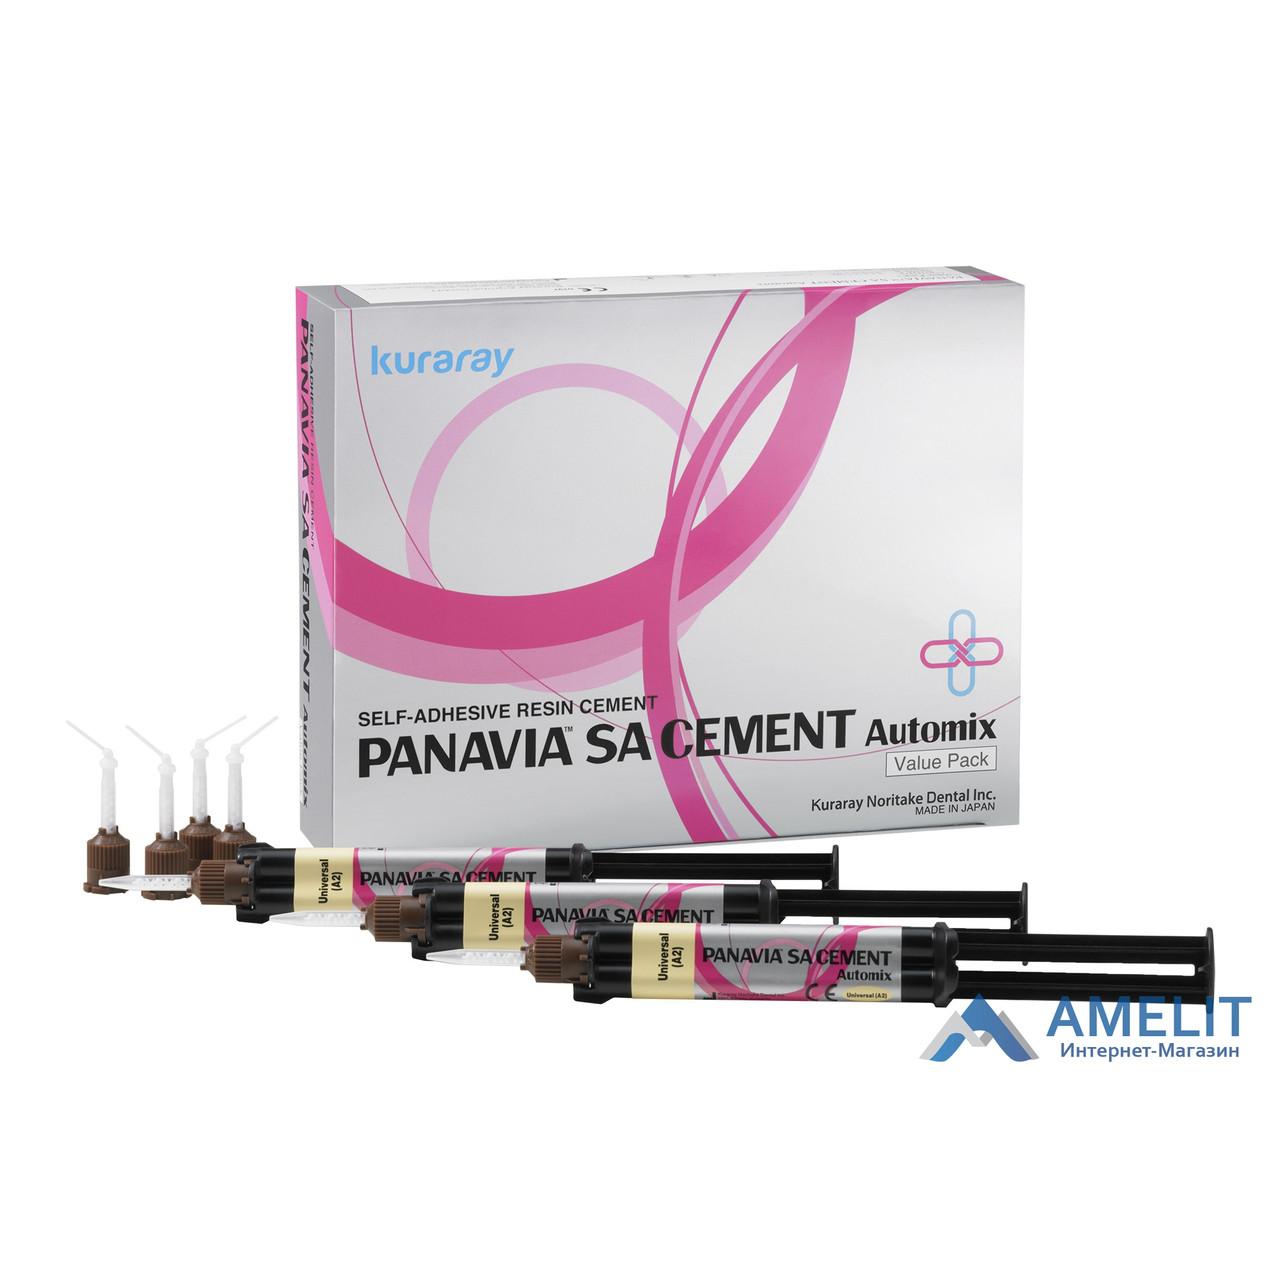 Панавиа есе цемент автомикс (Panavia SA Cement Automix, Kuraray Noritake Dental Inc.), шприц 8,3 р./4.6 мл.